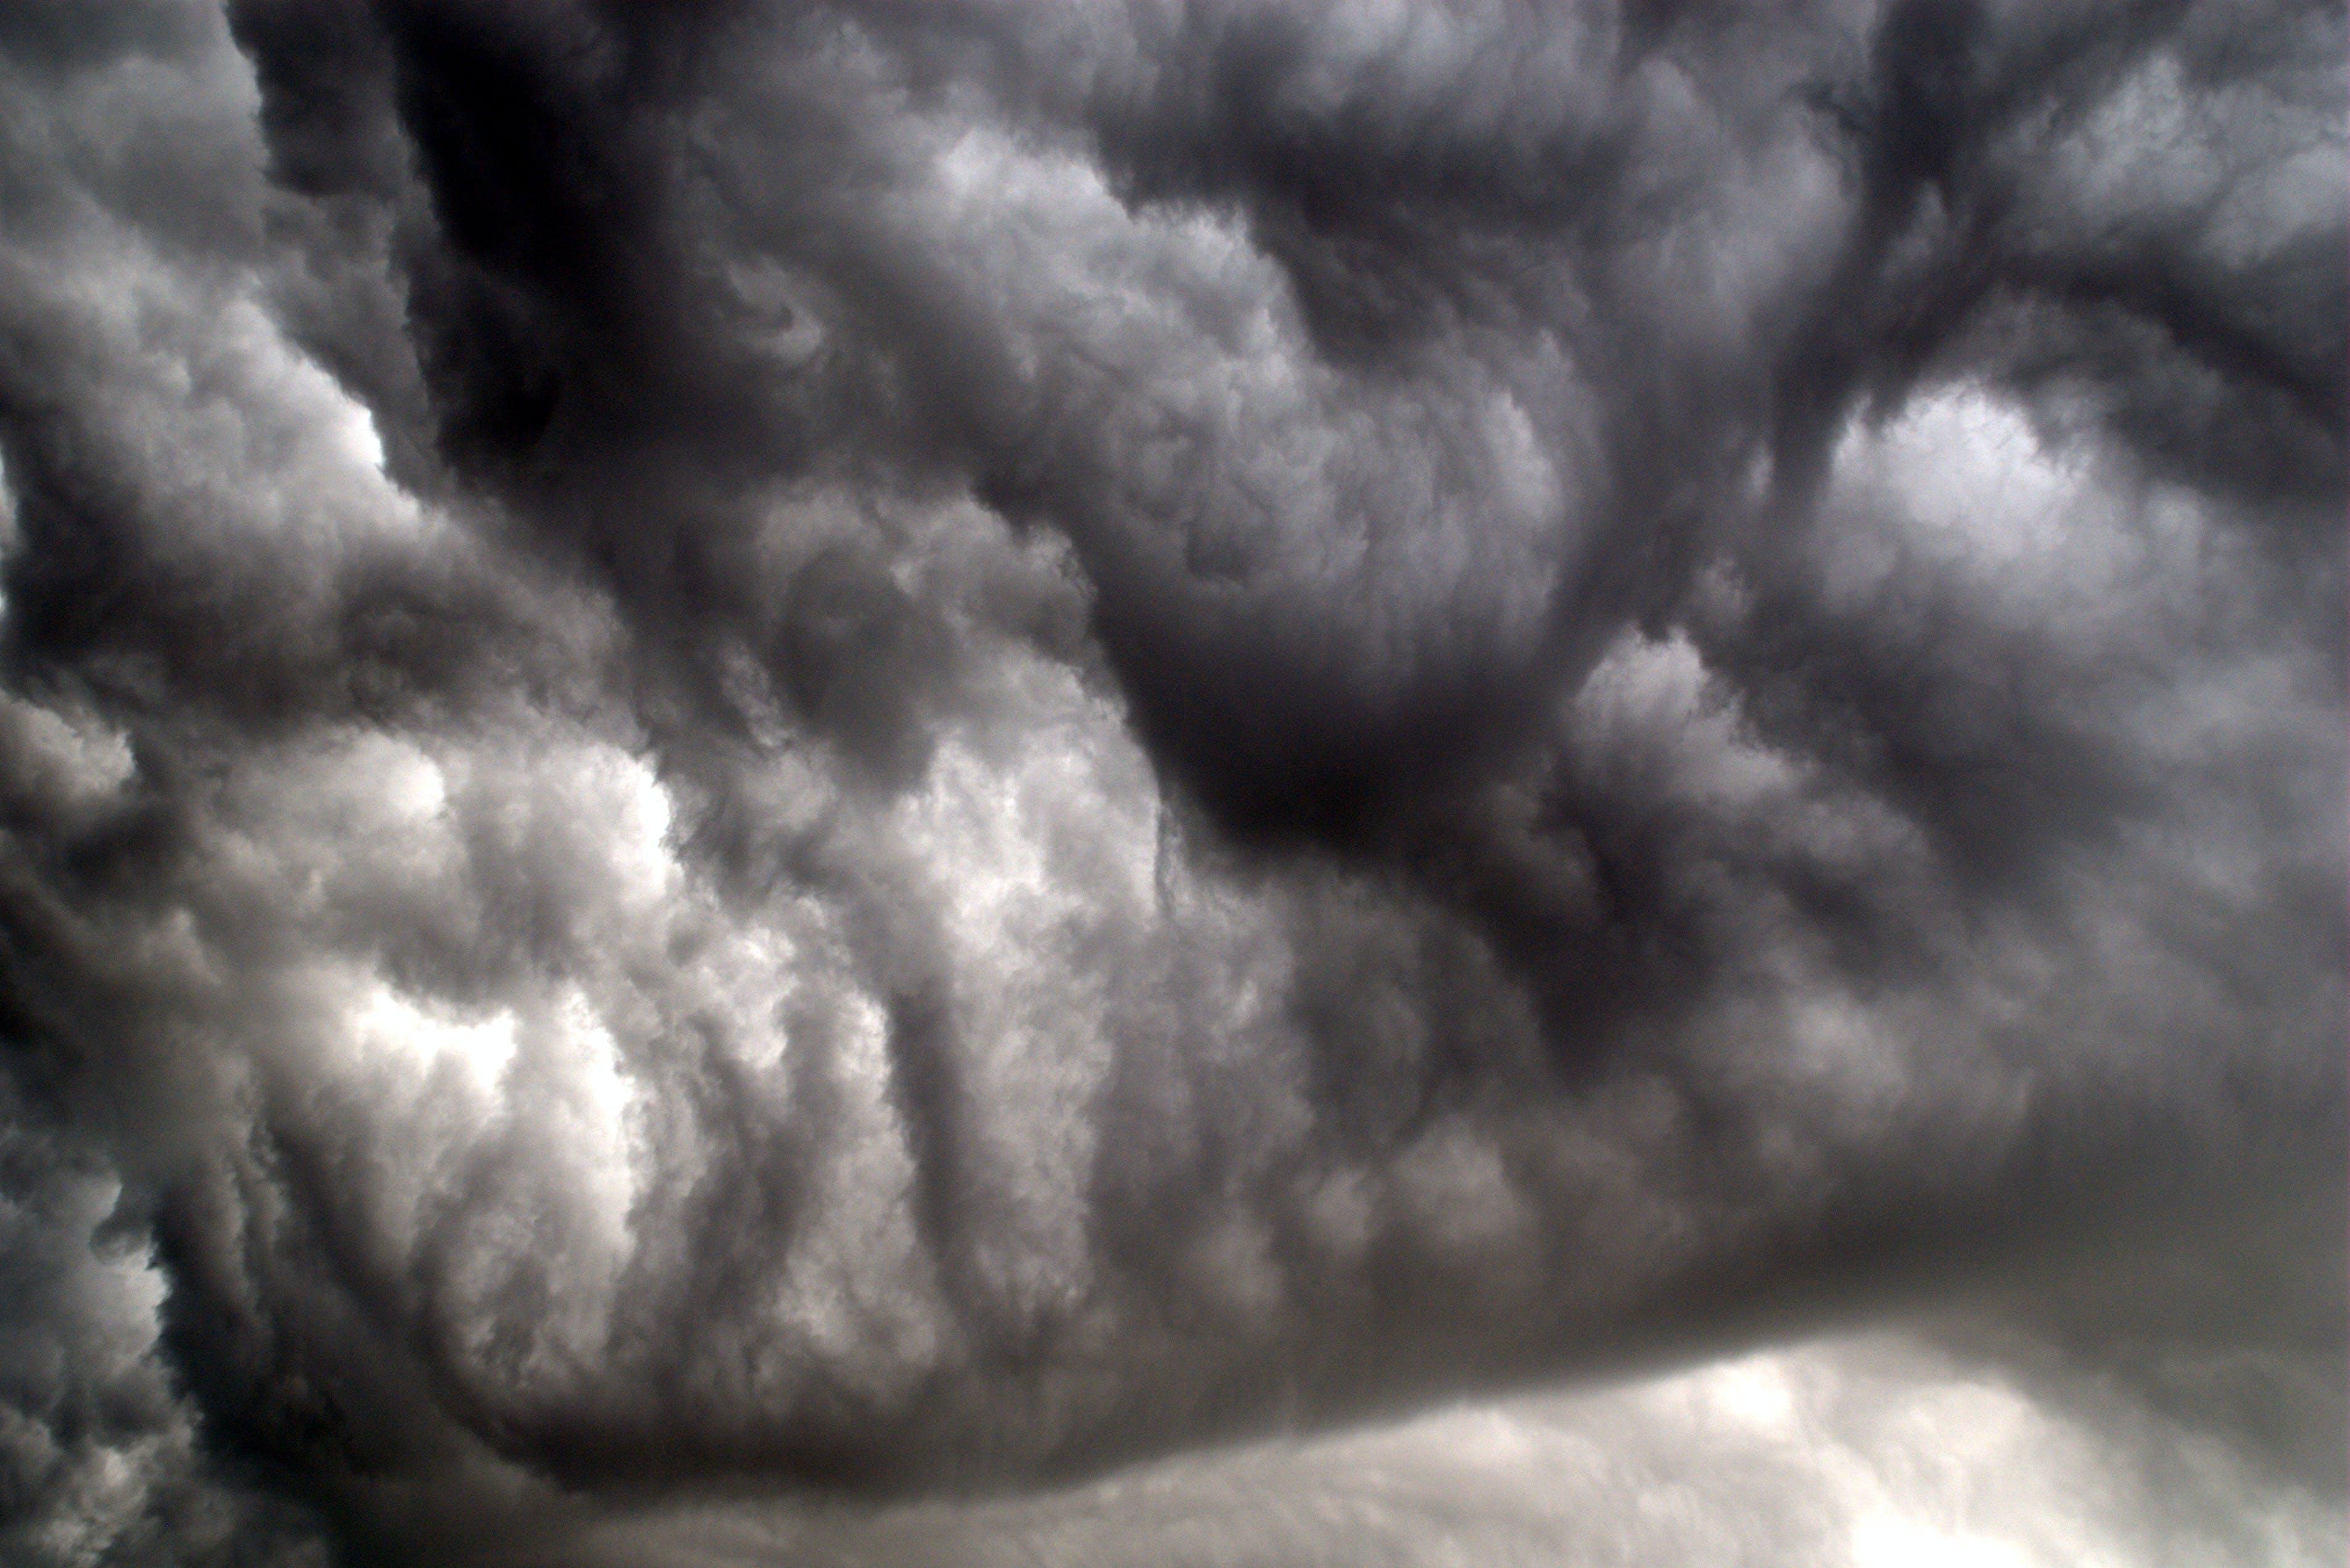 구름, 어두운, 우울한, 천둥의 무료 스톡 사진